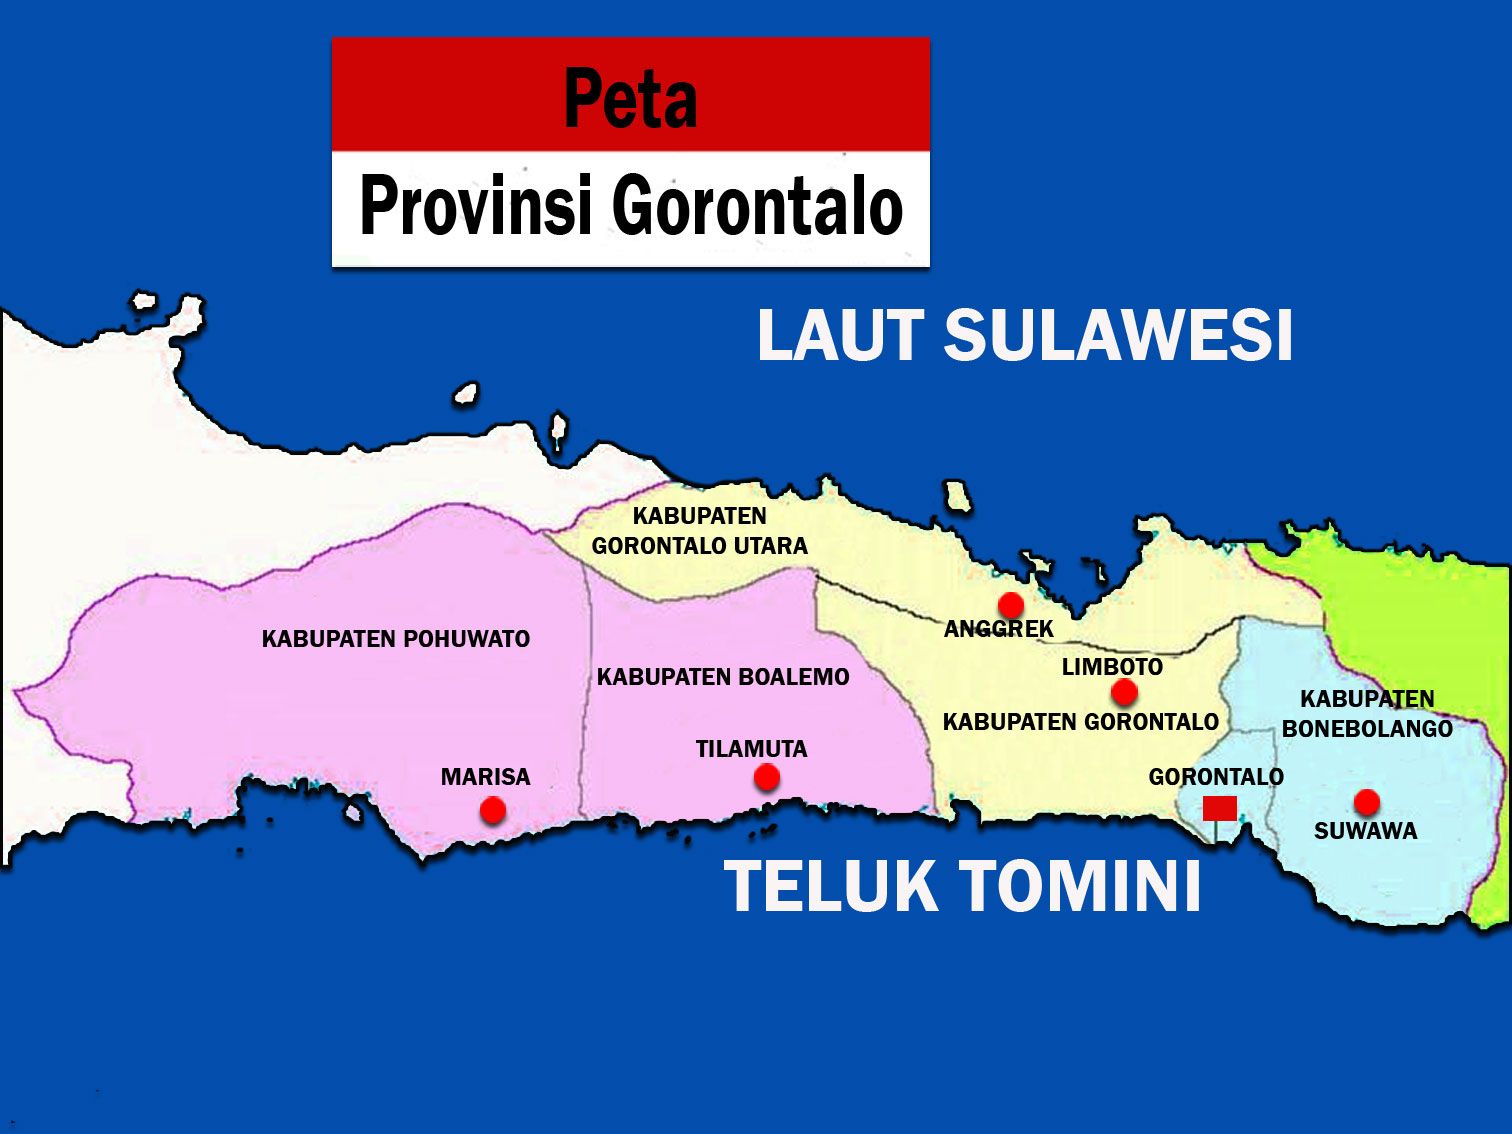 Gambar Peta Provinsi Gorontalo lengkap